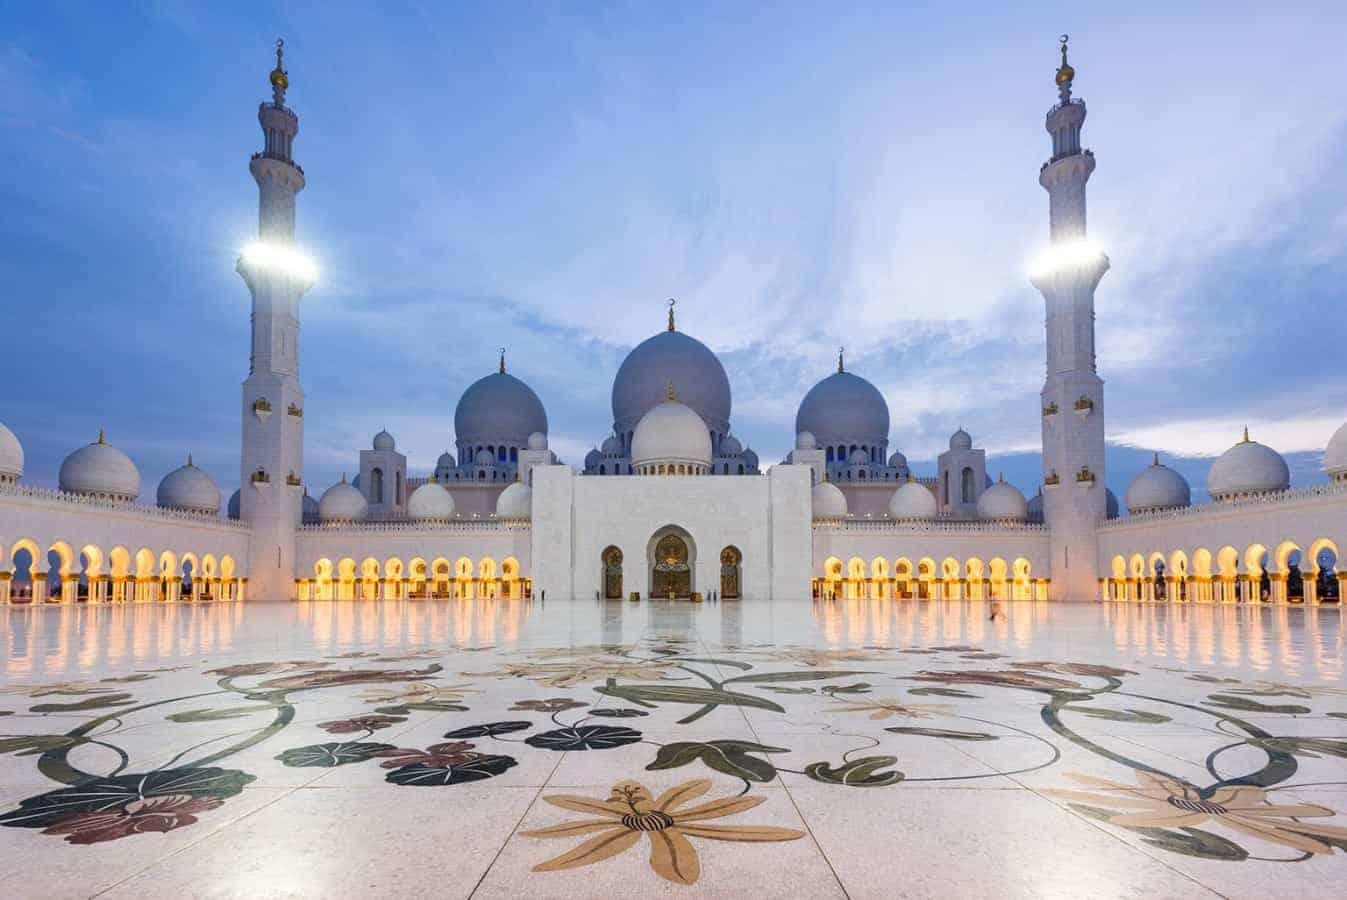 جولة معالم مدينة ابو ظبي بالكامل لاستكشاف المدينة و تاريخها